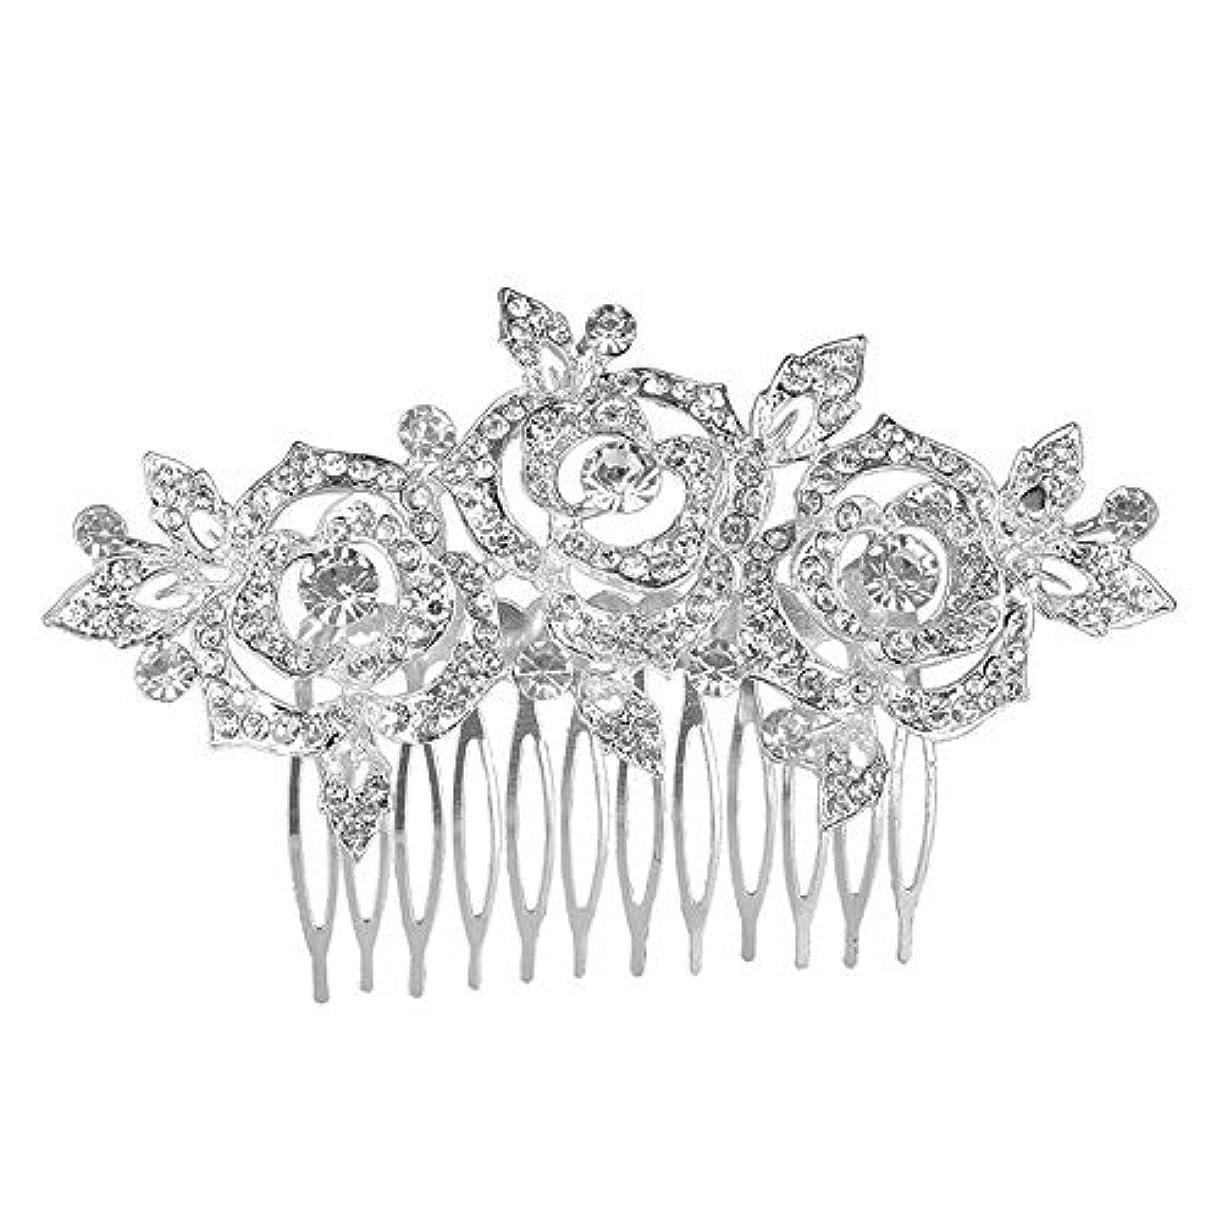 花花に水をやる不快な髪の櫛挿入櫛花嫁の髪櫛クラウン髪の櫛結婚式の付属品櫛の髪の櫛花の櫛の櫛ブライダルヘッドドレス